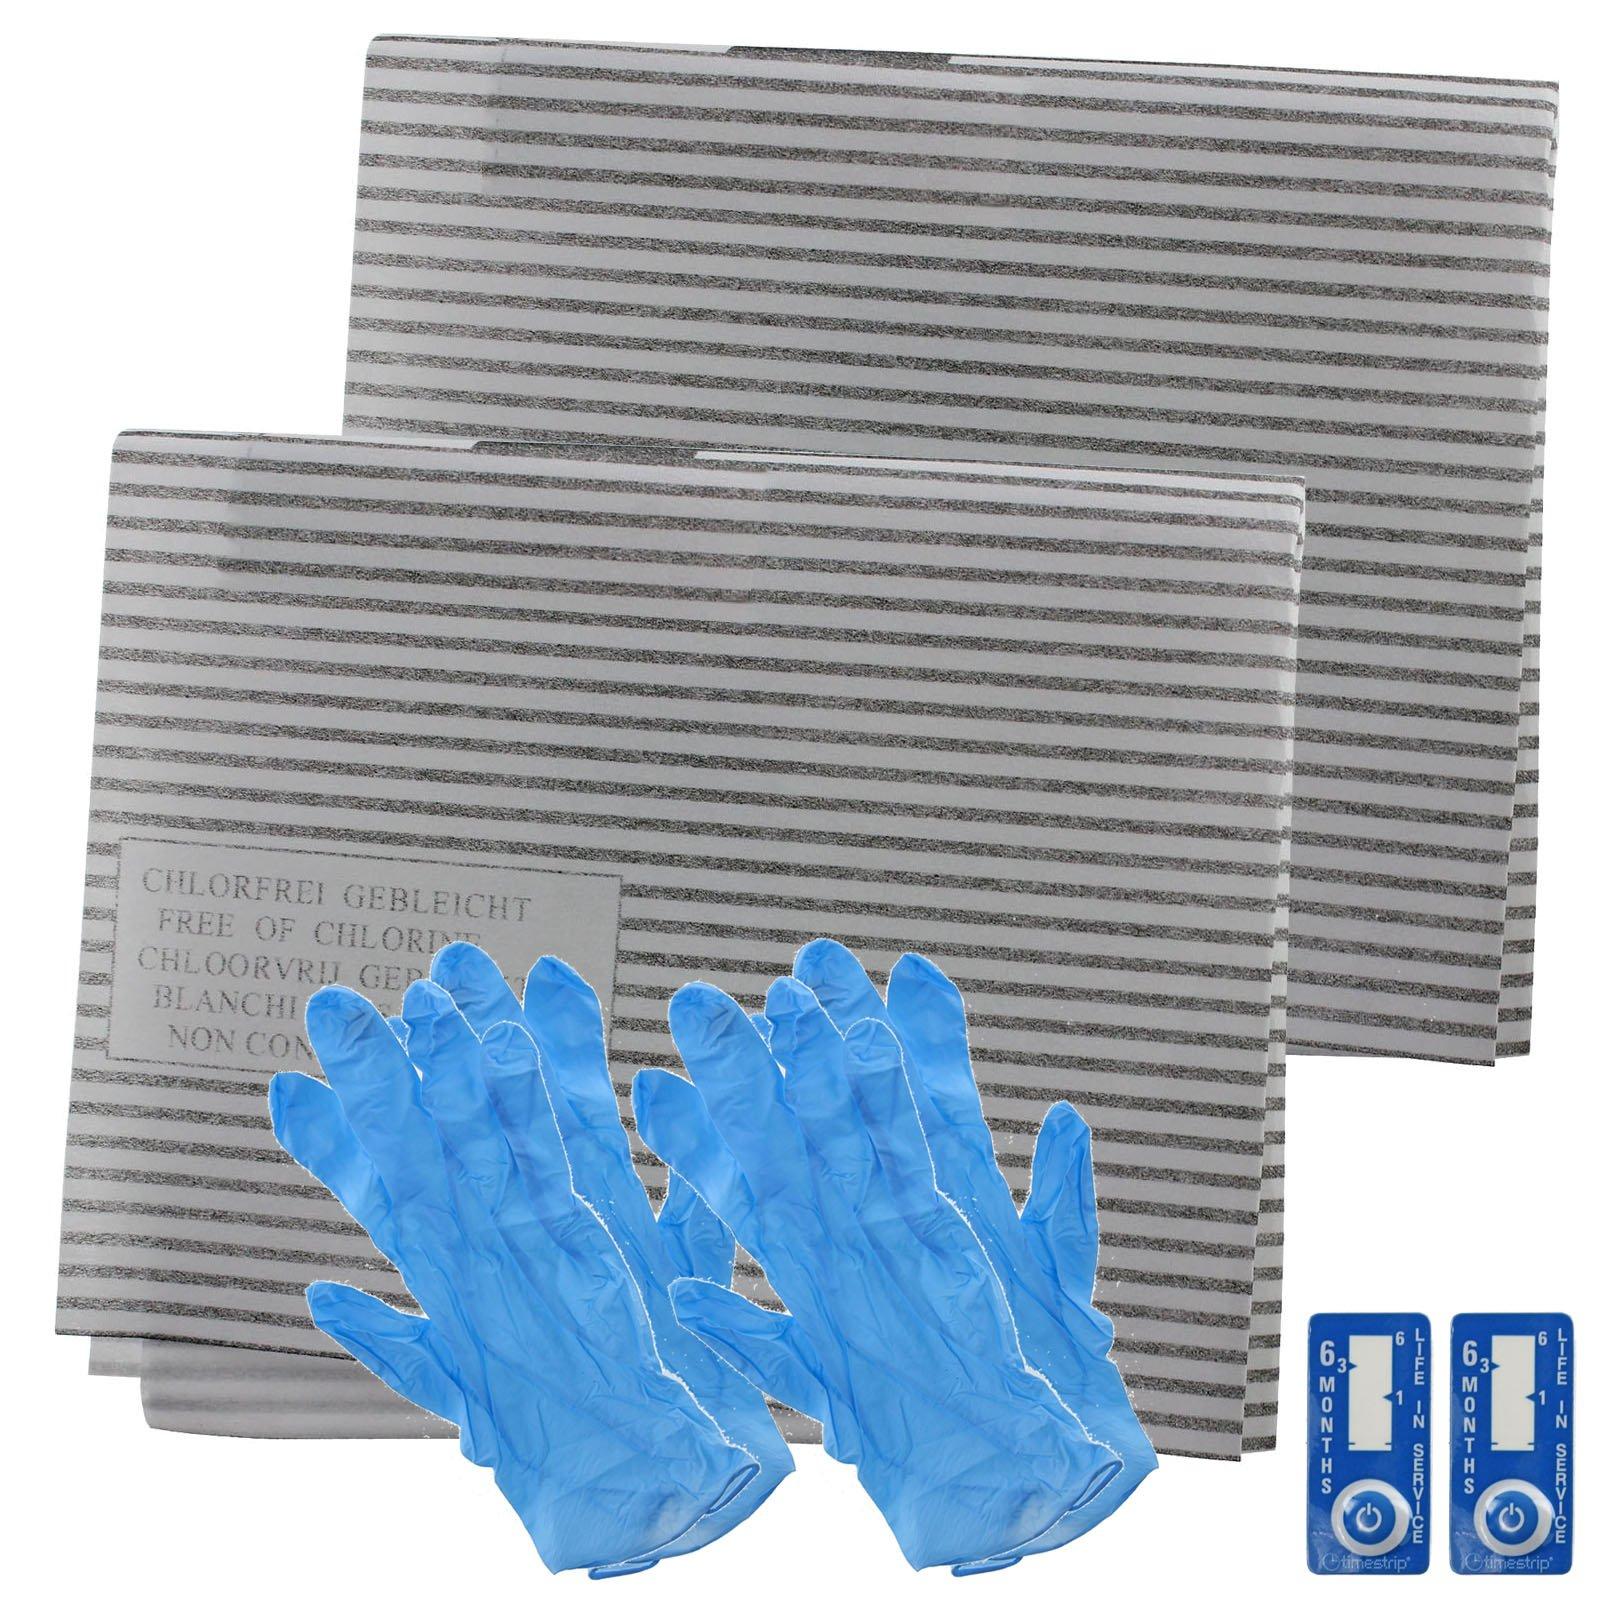 Spares2go filtro cappa Grease kit per Lofra cucina aspiratore Vent